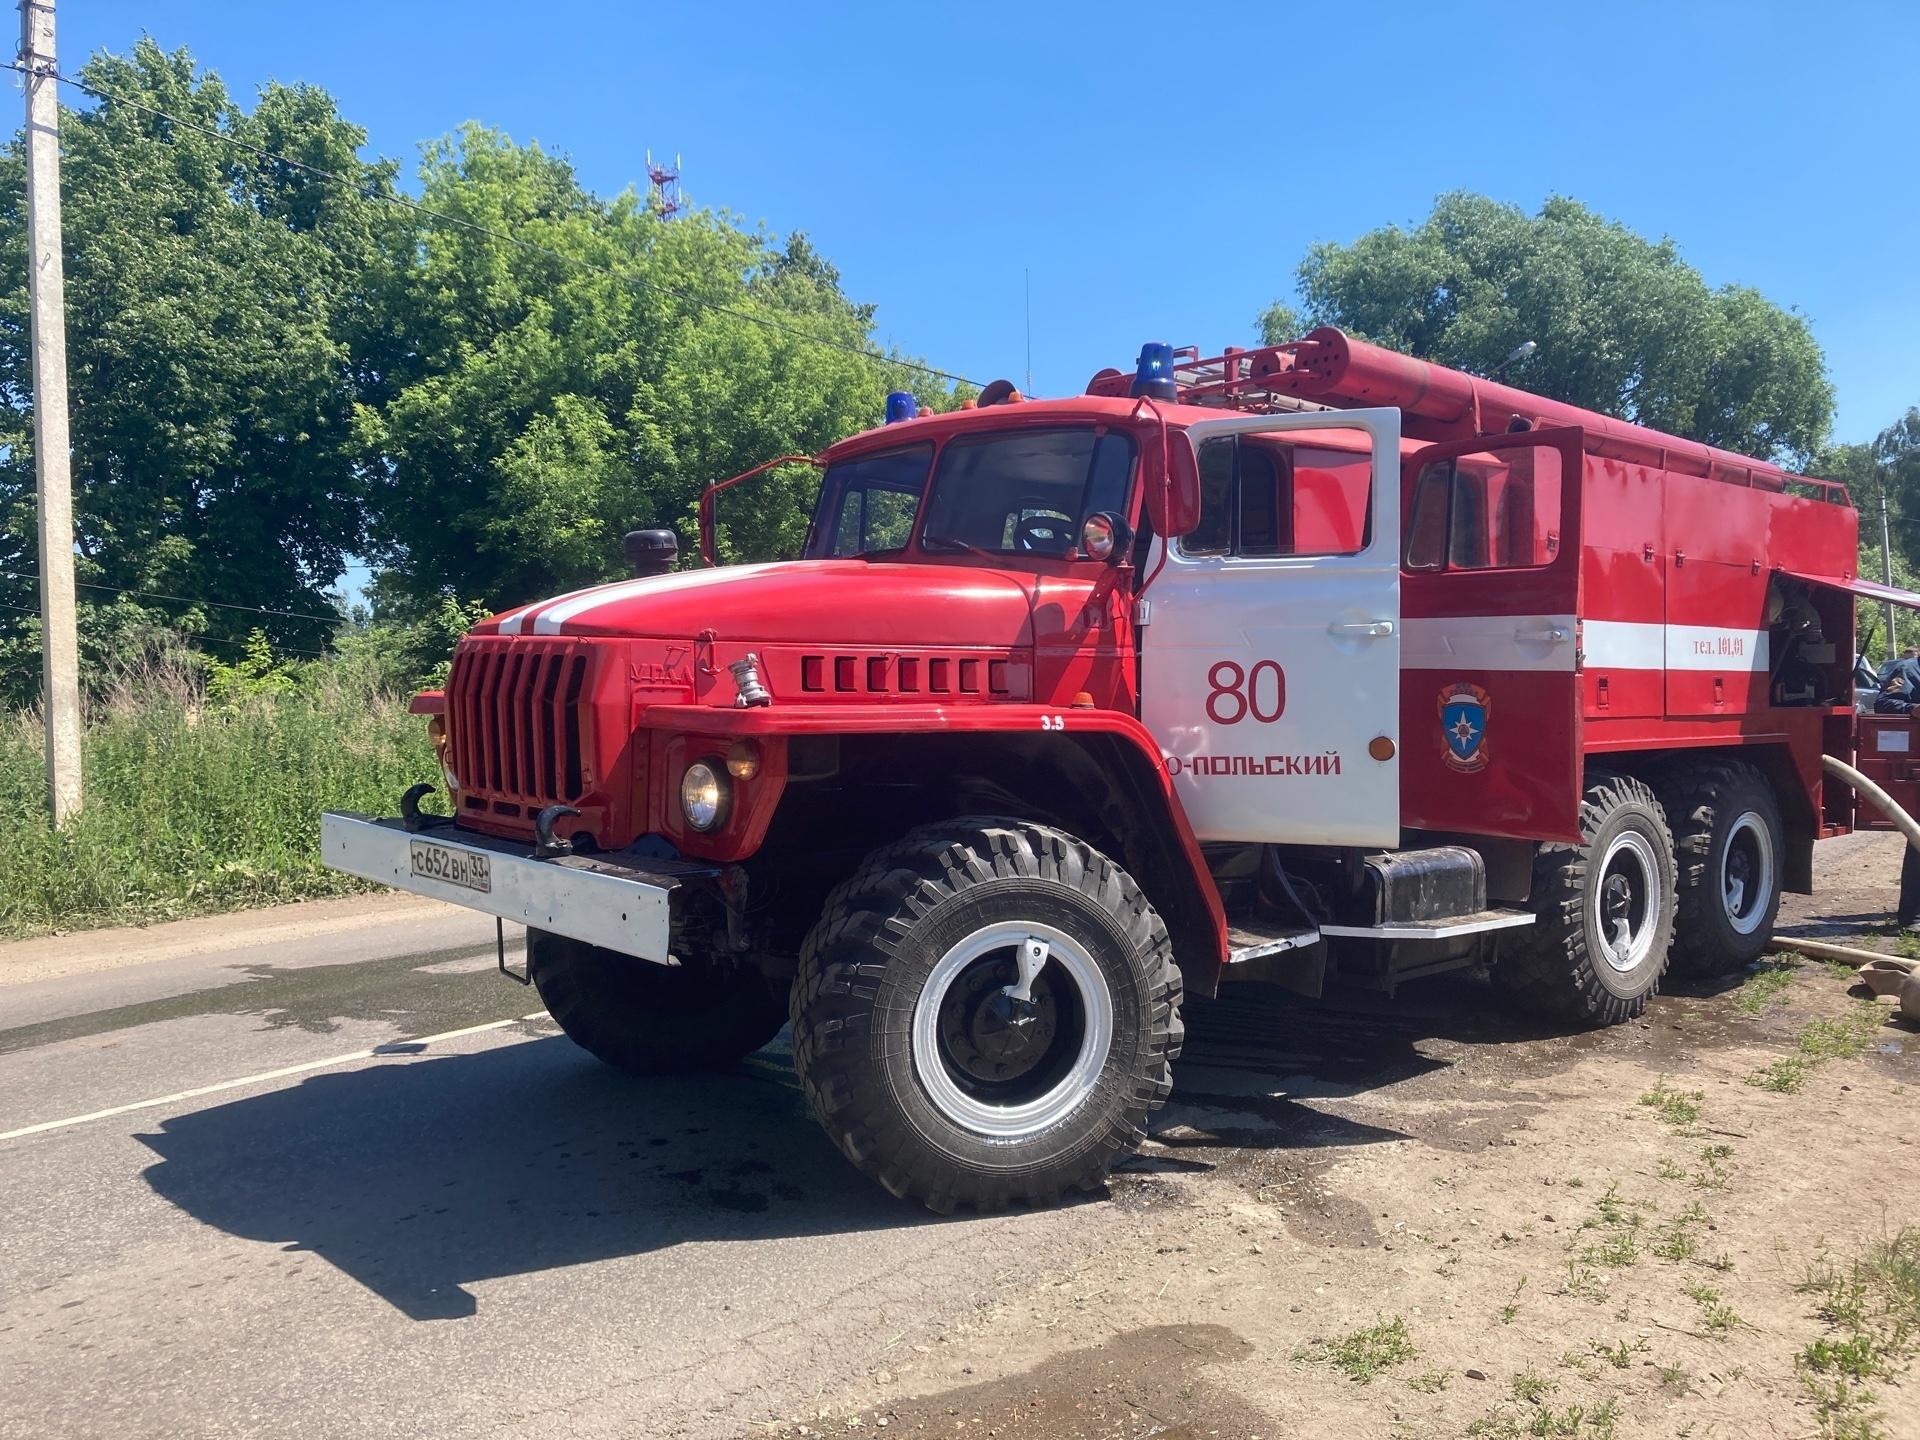 Пожар Юрьев-Польский район, с. Красное, д. 61